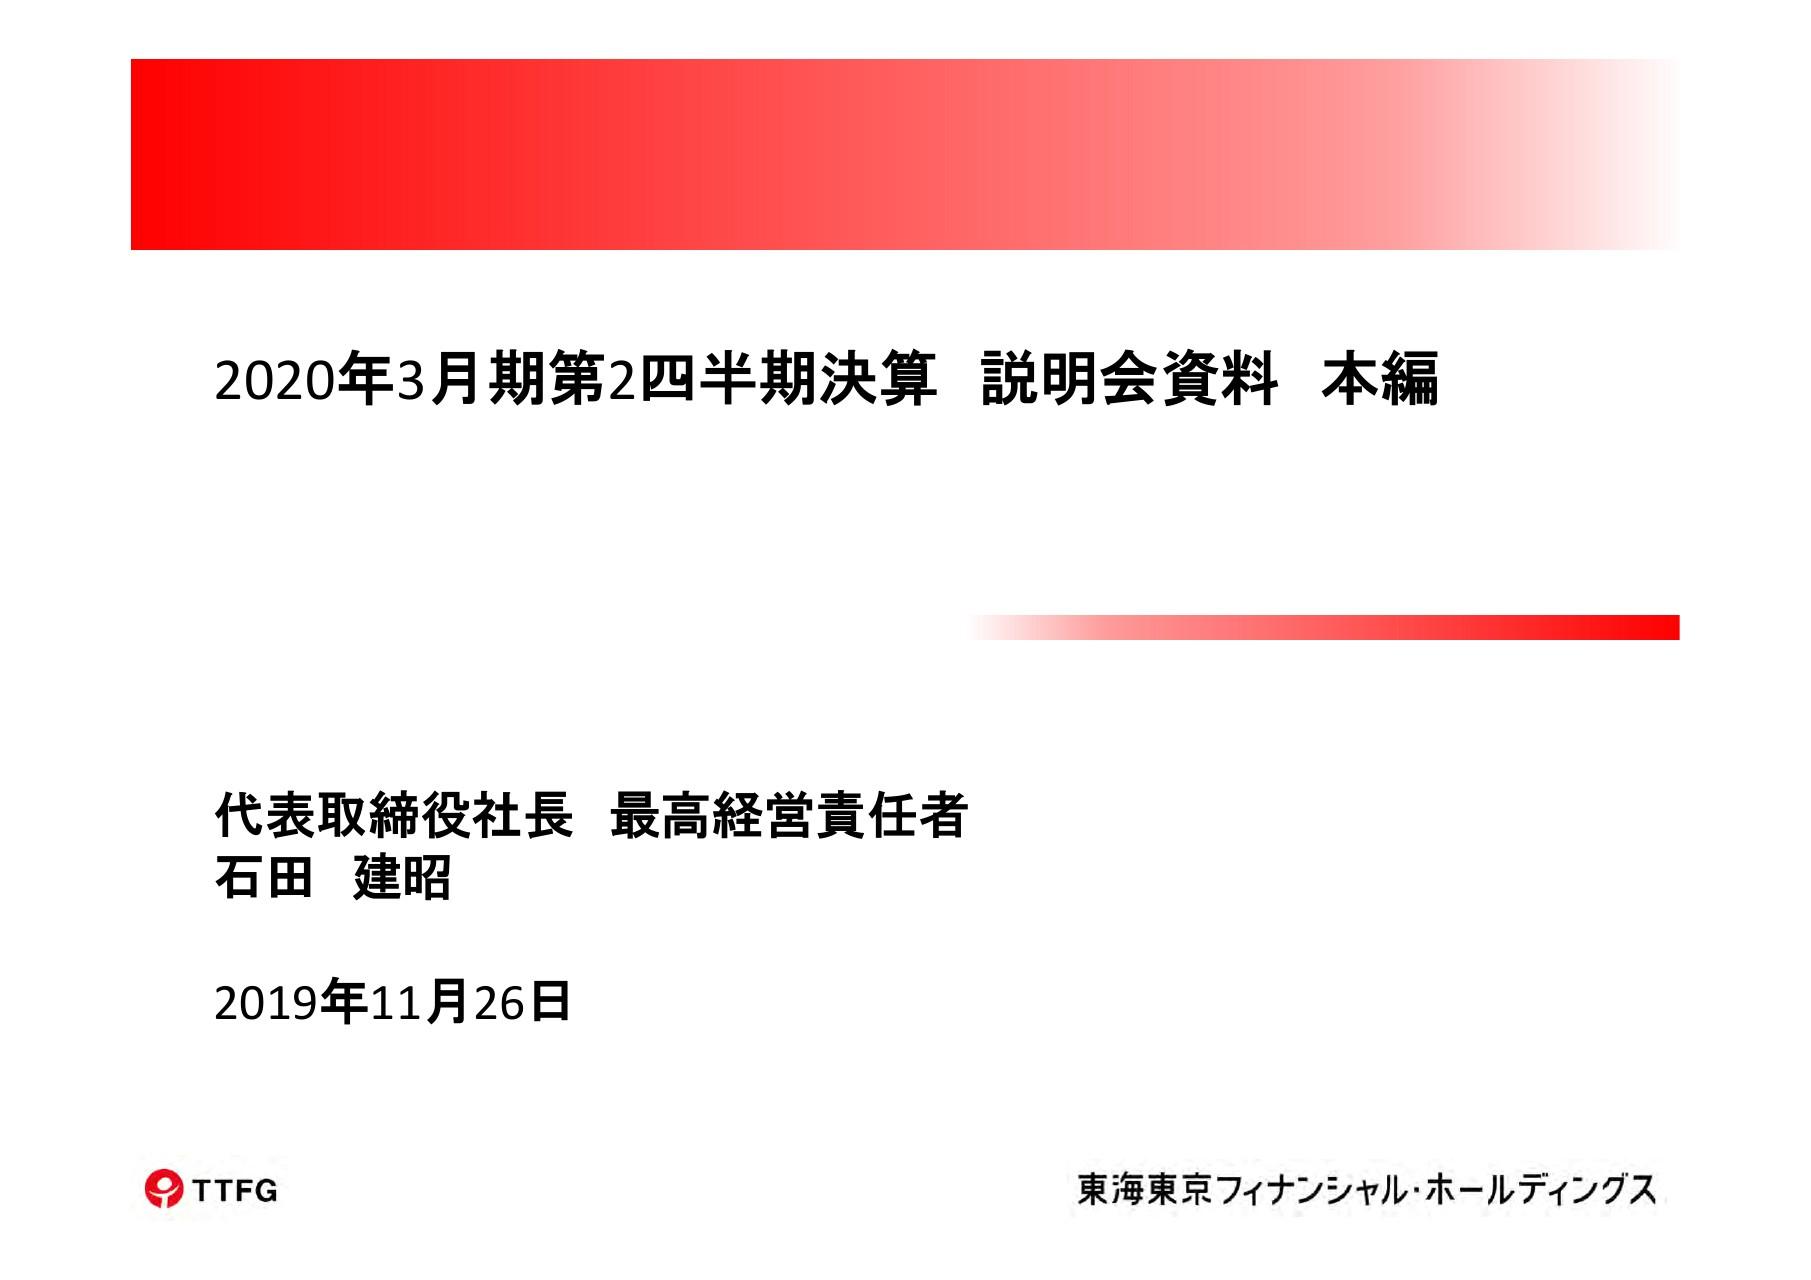 東海東京フィナンシャルHD、上期の経常収益は25億円の赤字に 1Qの販管費増や成長投資等が影響